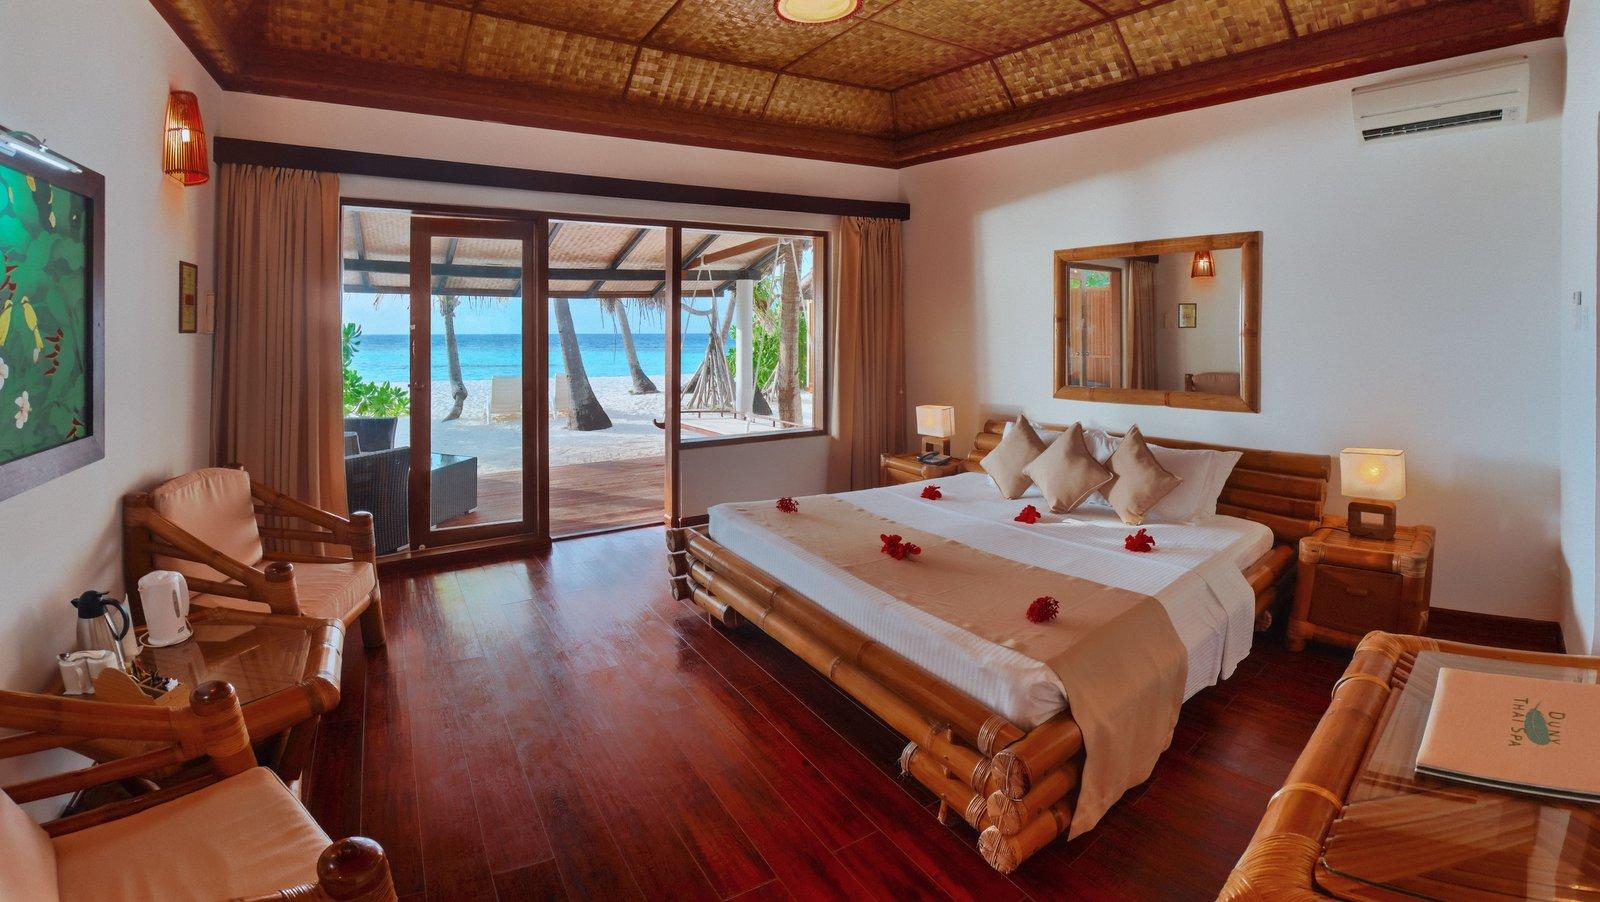 Мальдивы, отель Angaga Island Resort & Spa, номер Superior Beach Bungalow